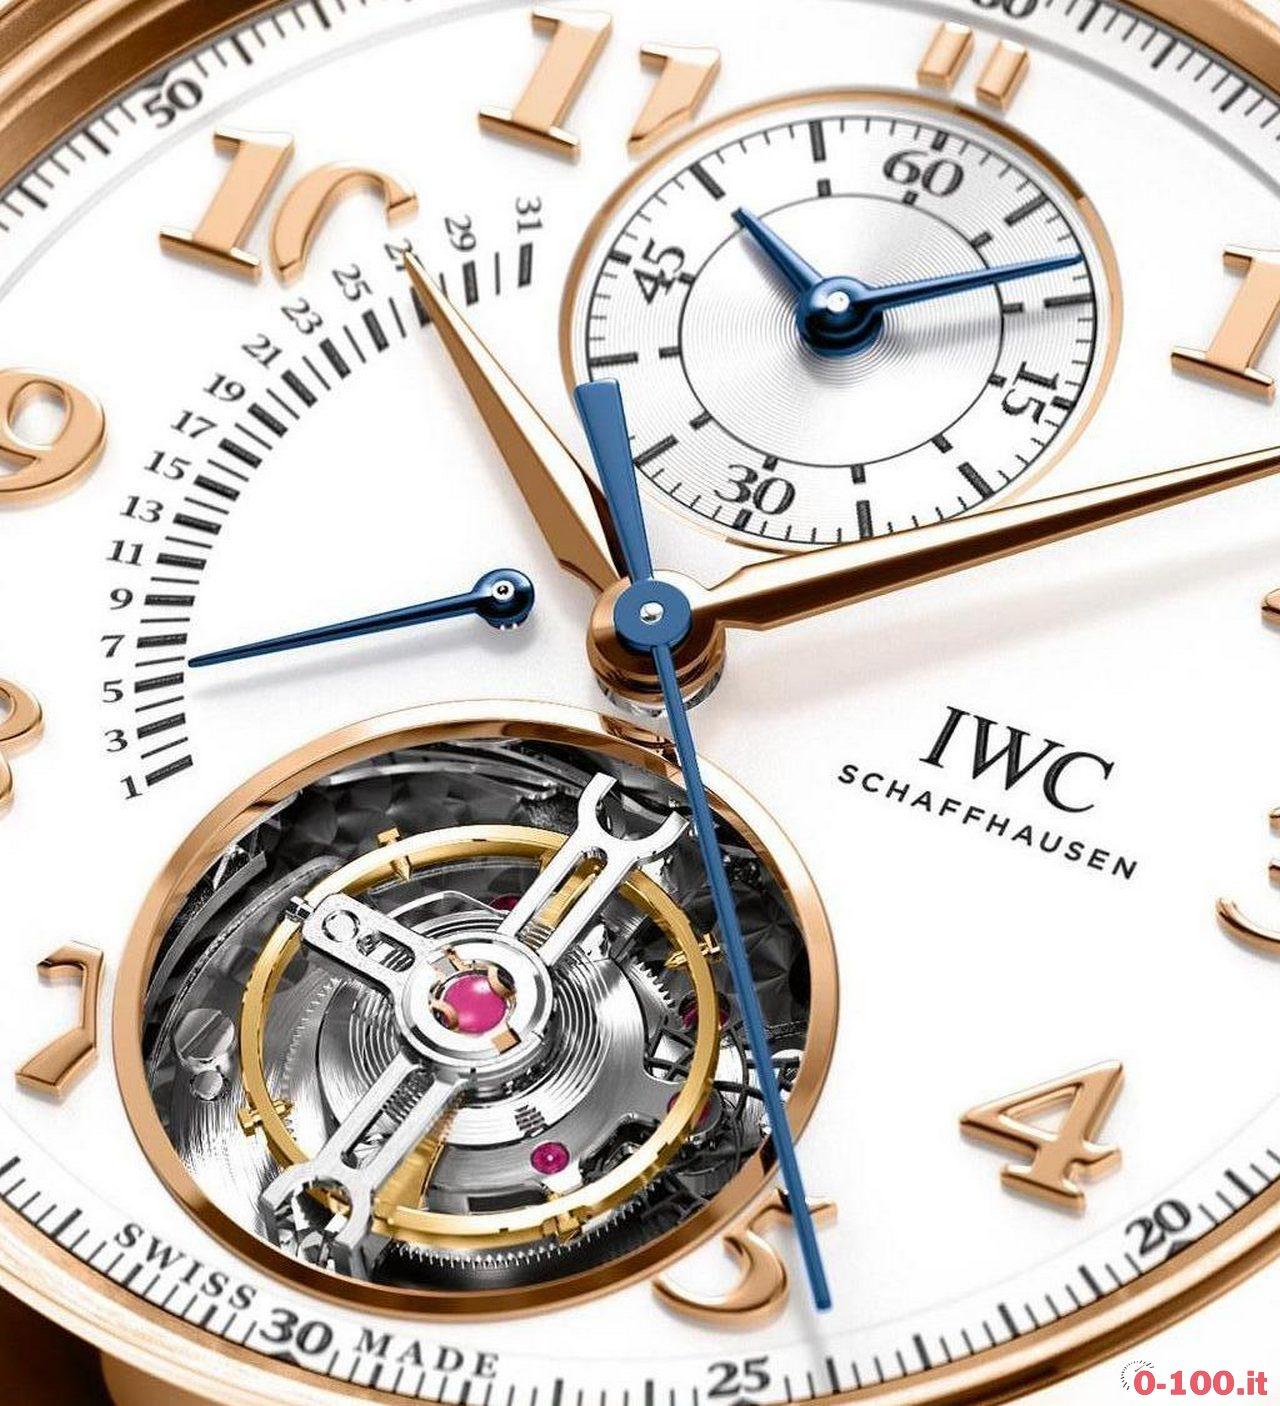 sihh-2017-iwc-da-vinci-tourbillon-retrograde-chronograph-in-oro-rosso-18kt-ref-iw393101_0-1006